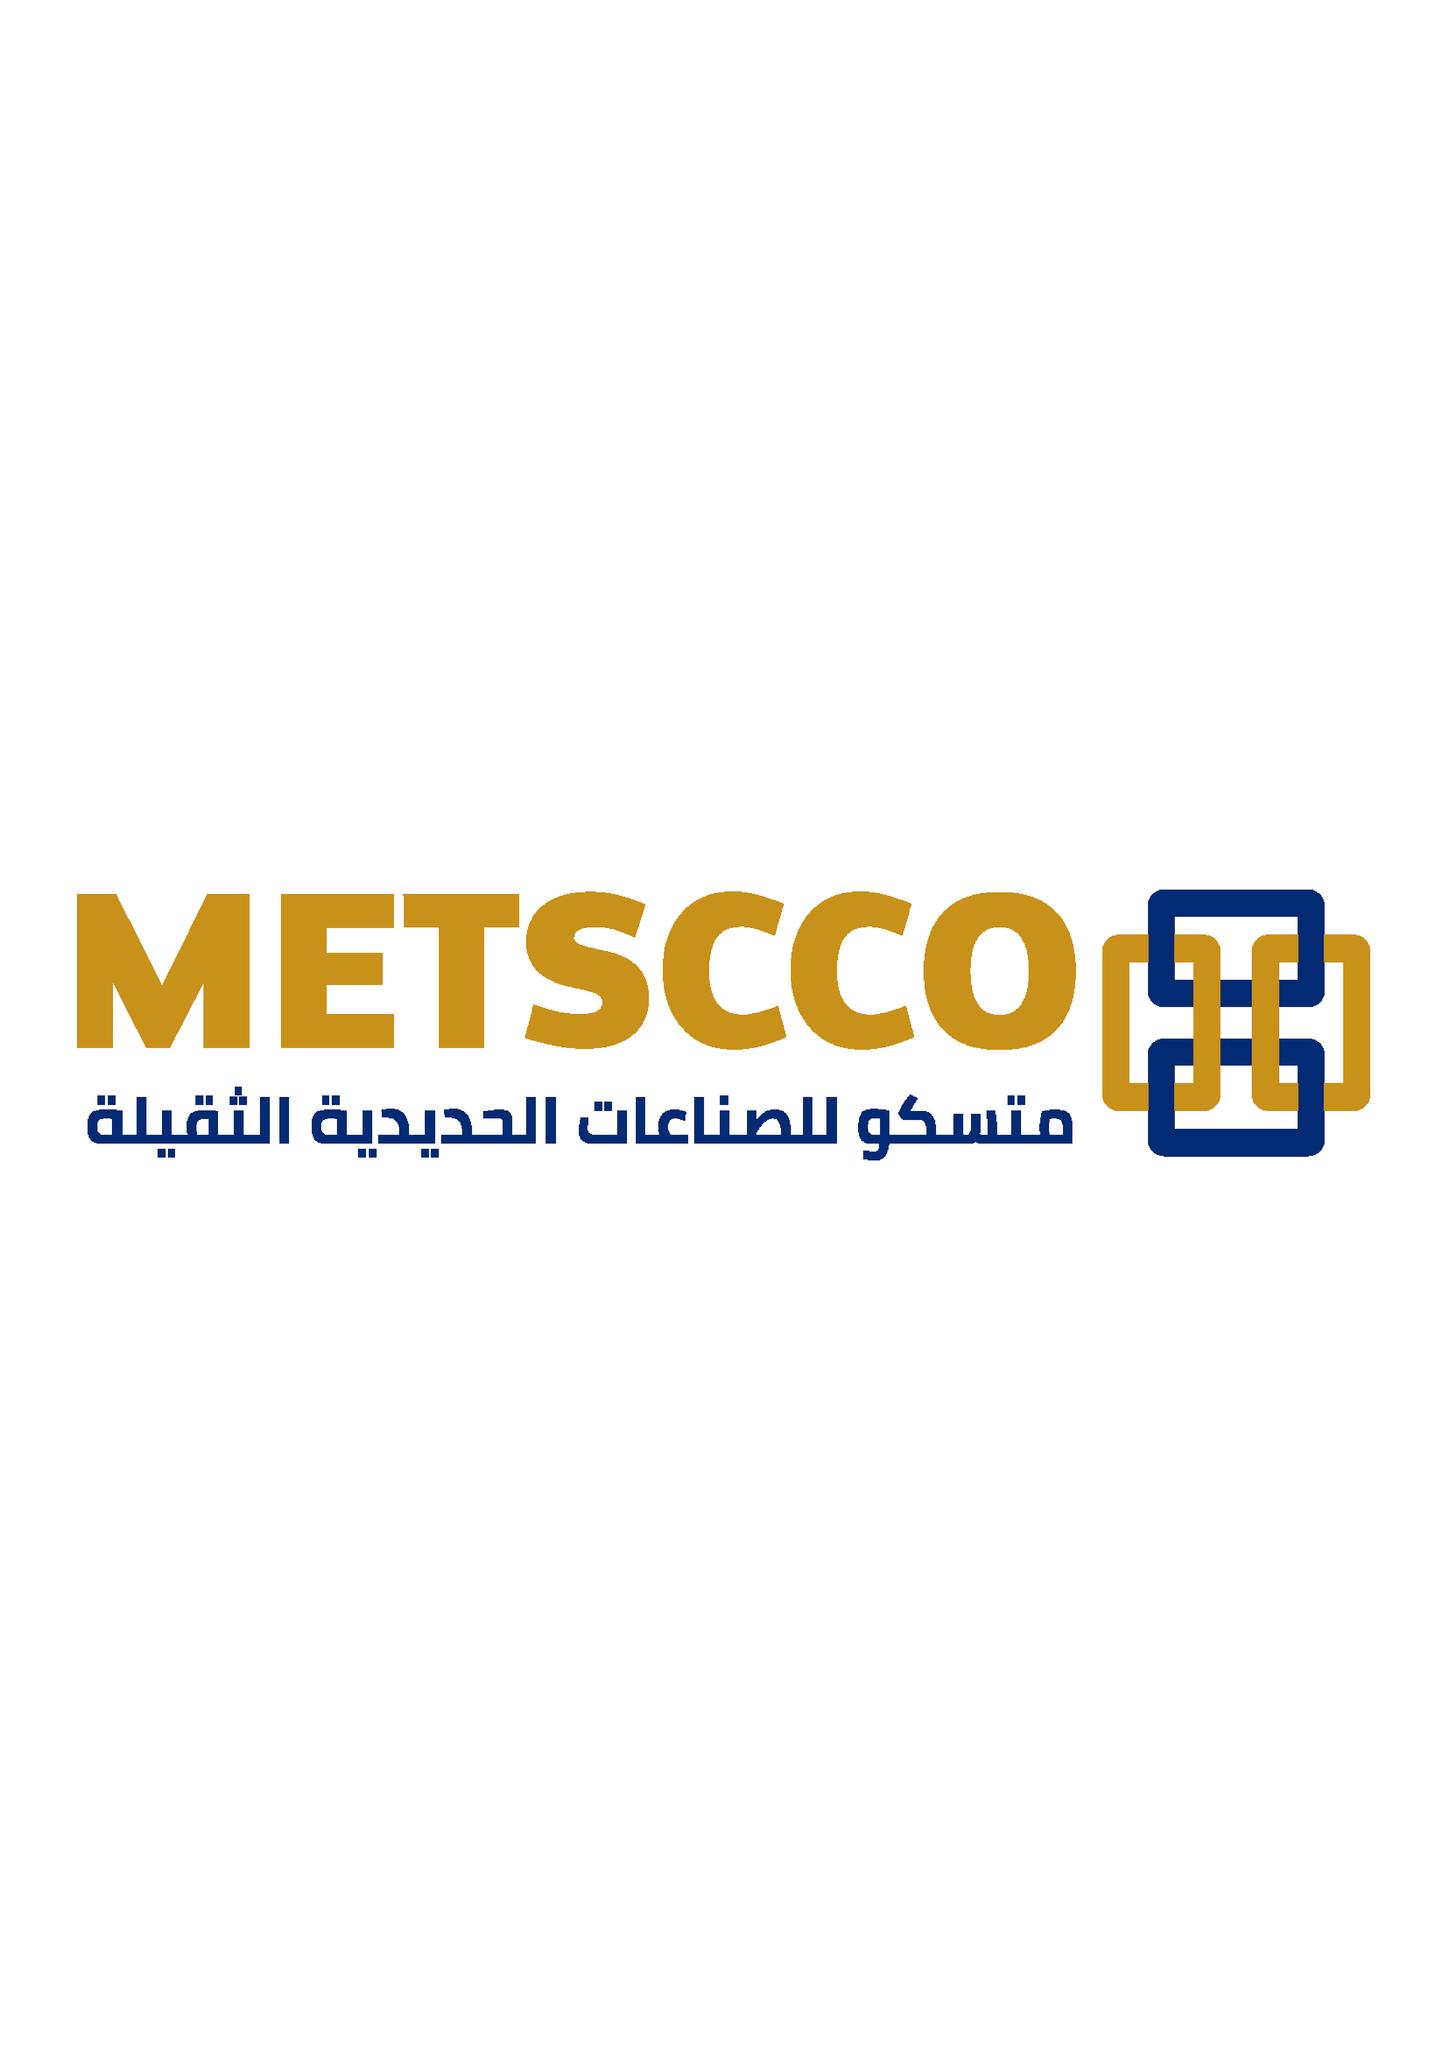 METSCO HEAVY STEEL INDUSTRIES CO., LTD.